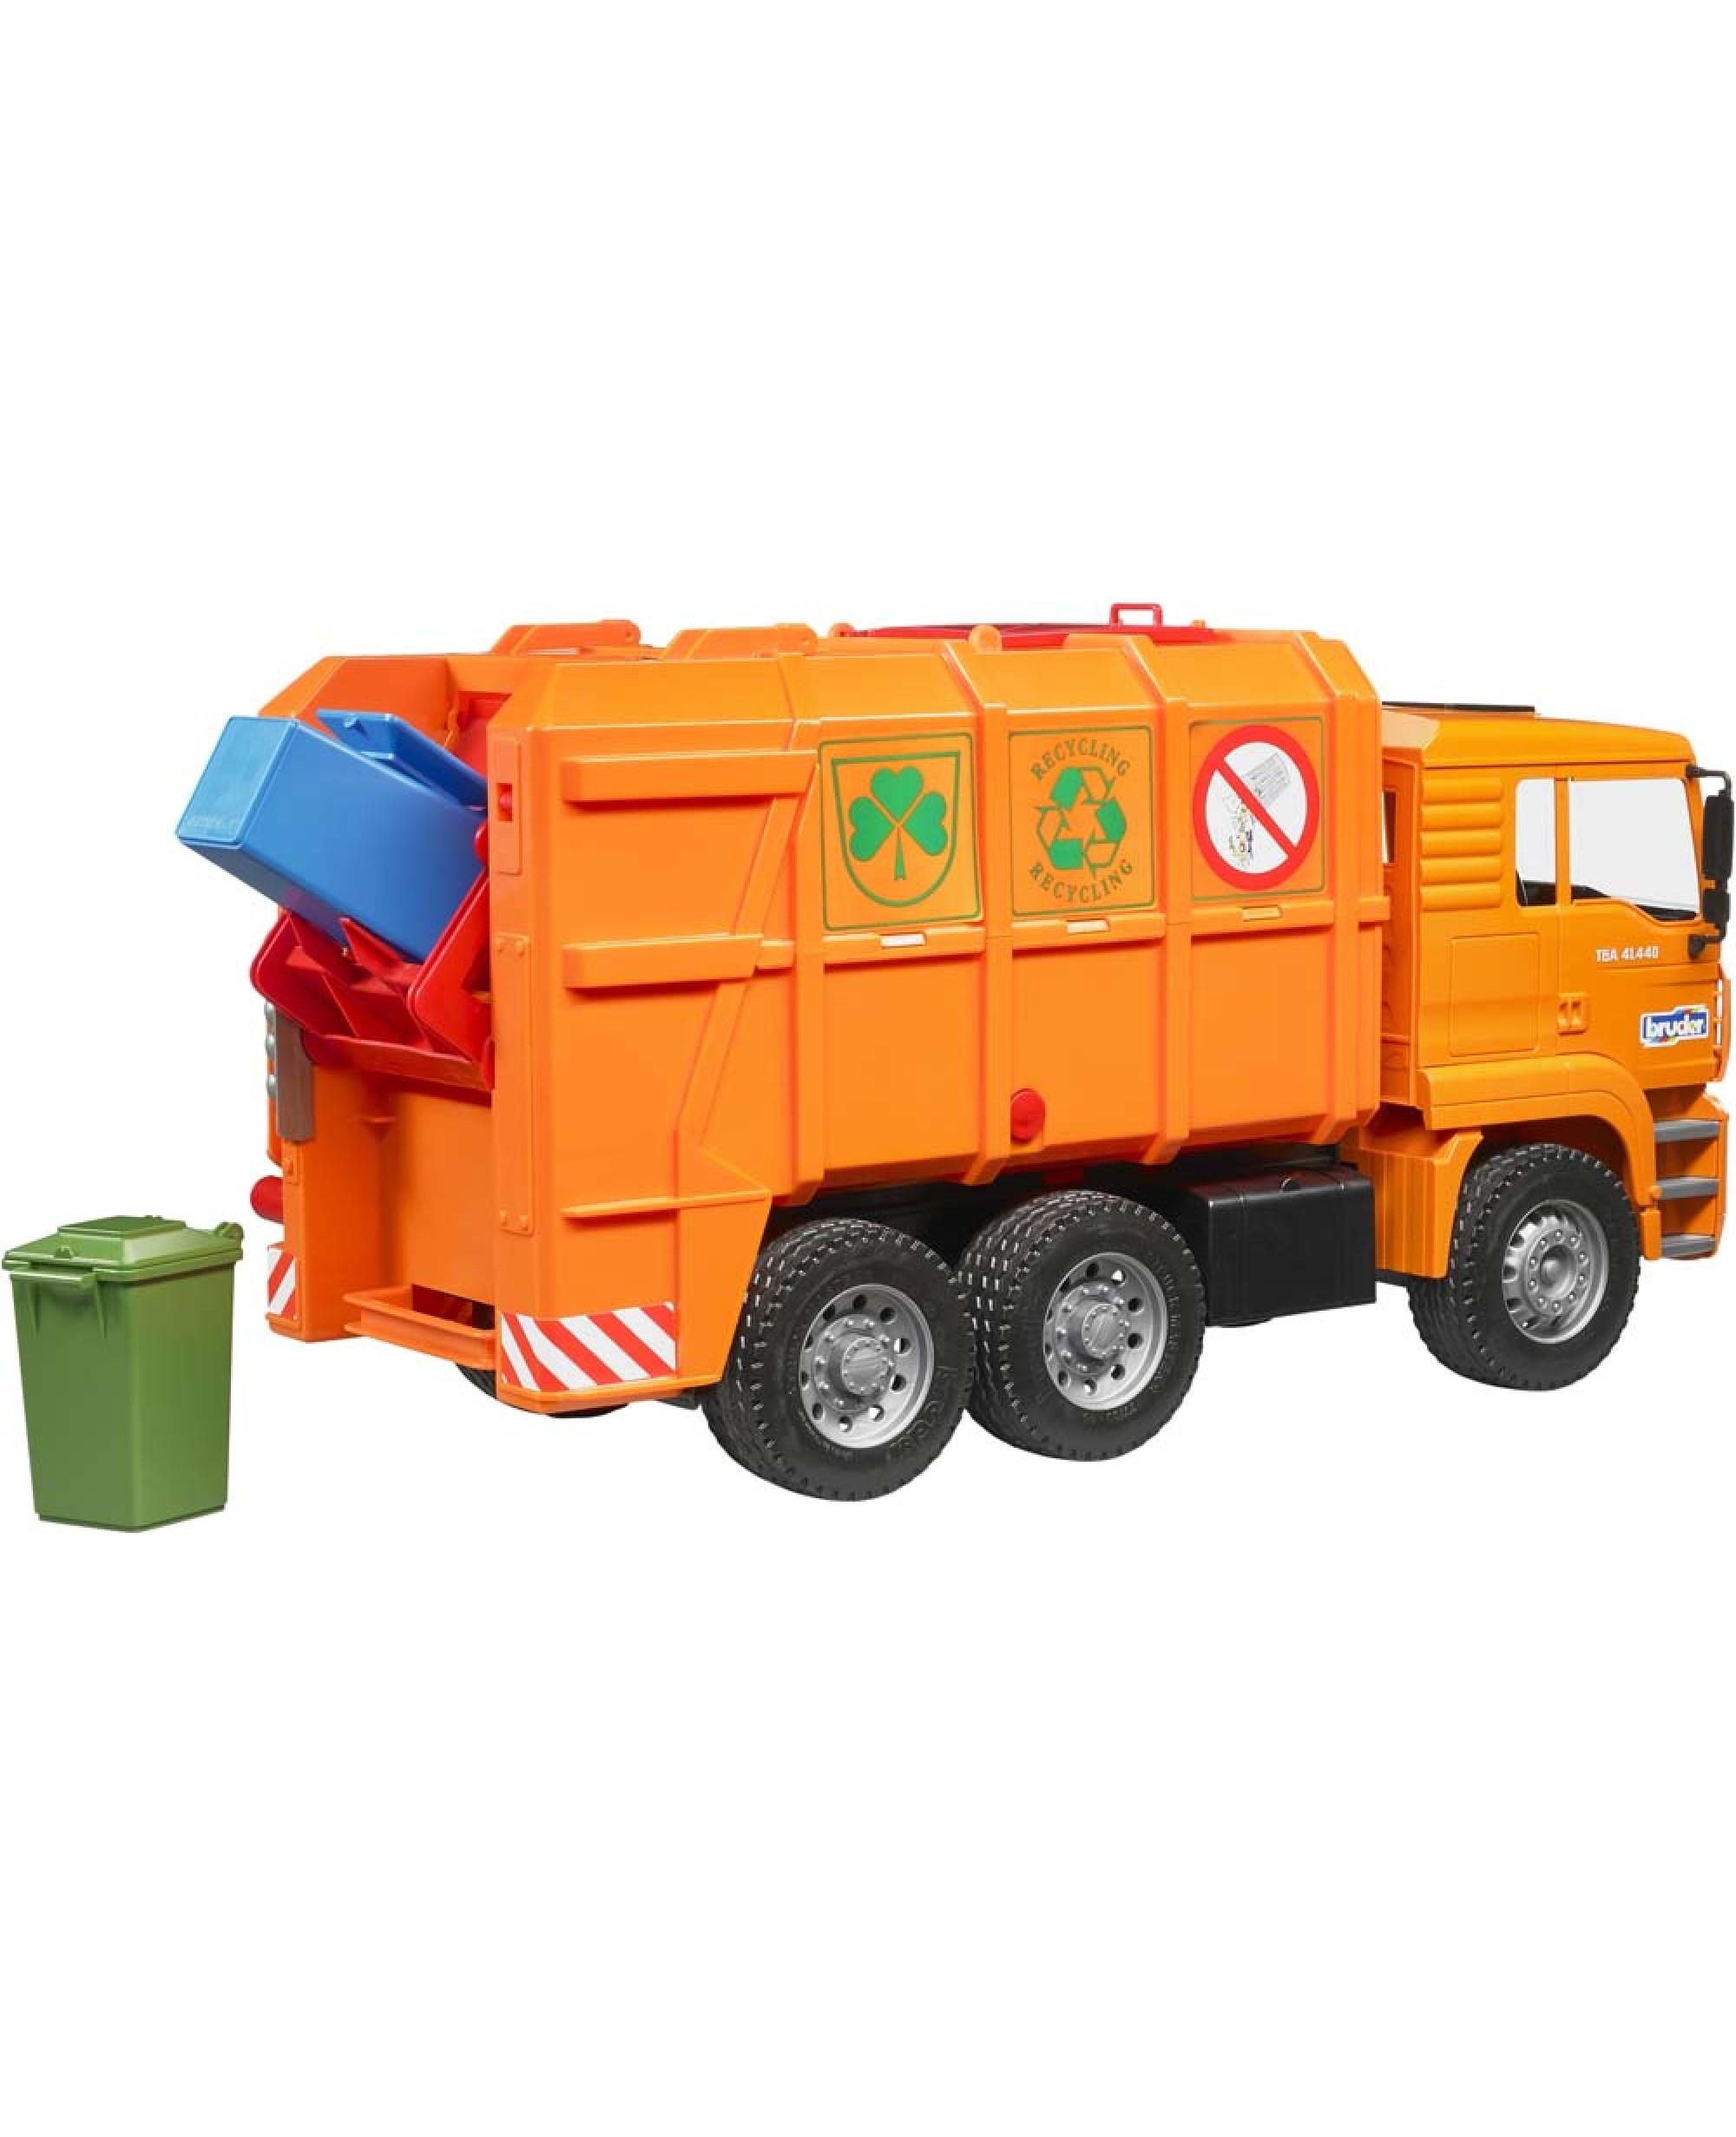 Camion 6X4 Poubelle Man Tga Orange Avec Conteneurs Jouet concernant Le Doudou Des Camions Poubelles